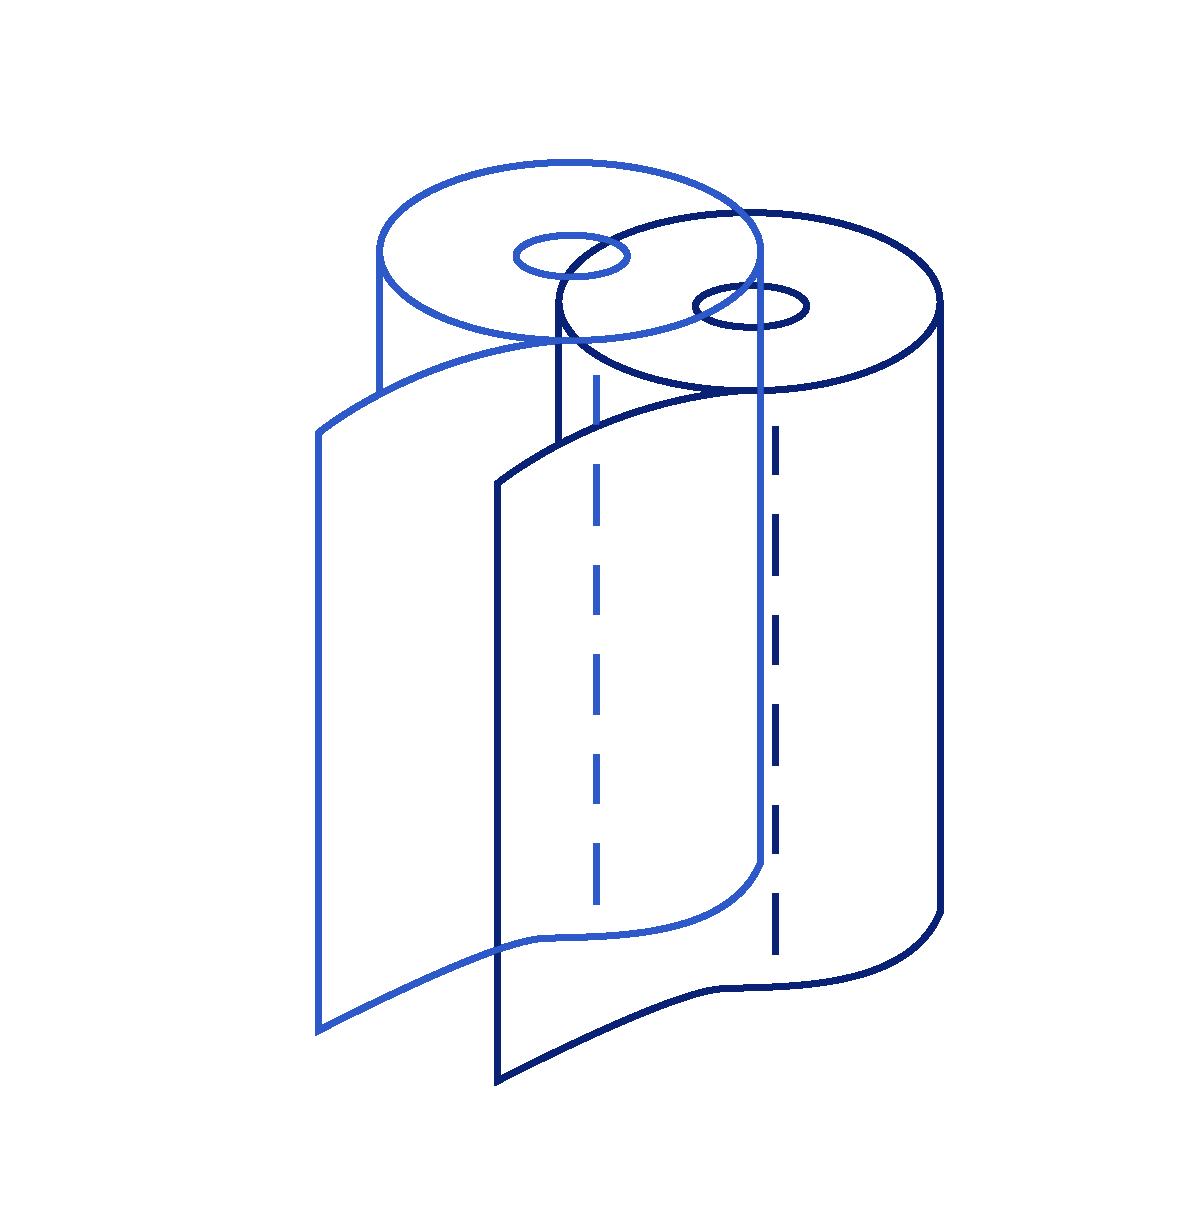 papertowel